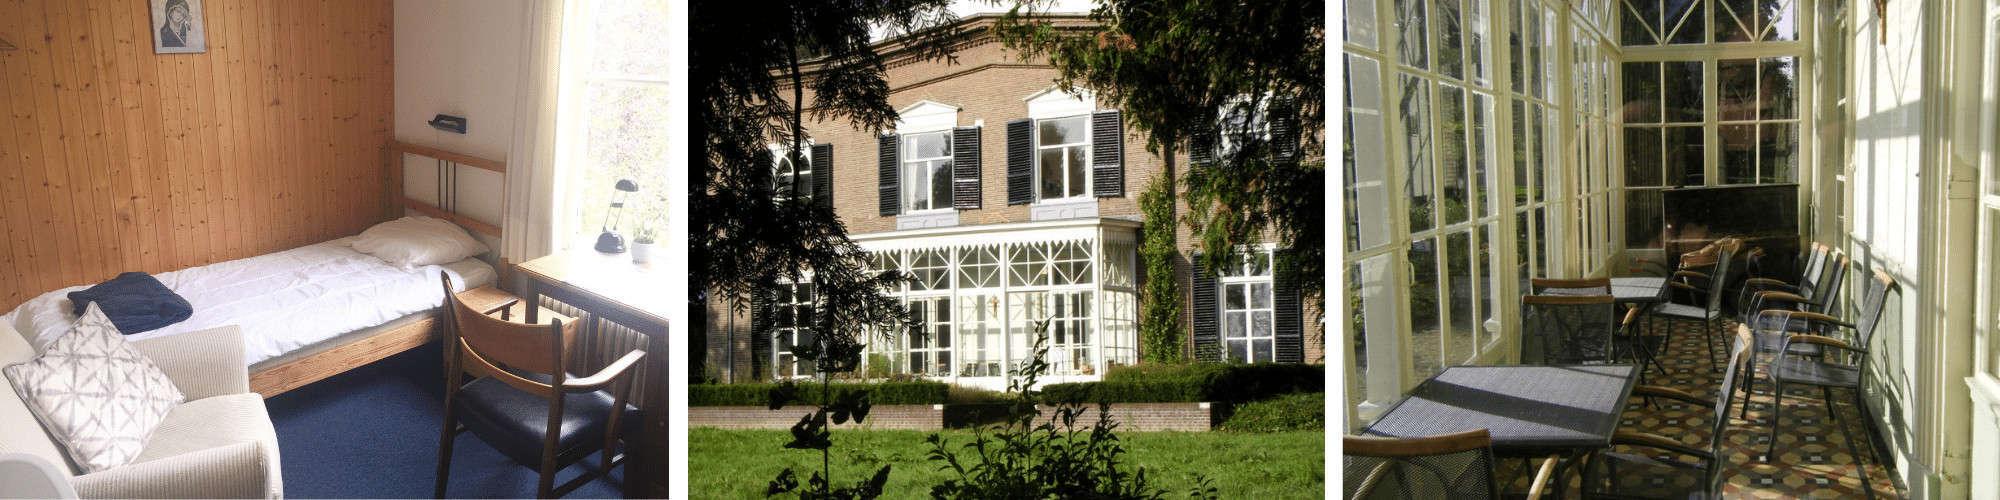 Retraitecentrum Klein Sion -foto